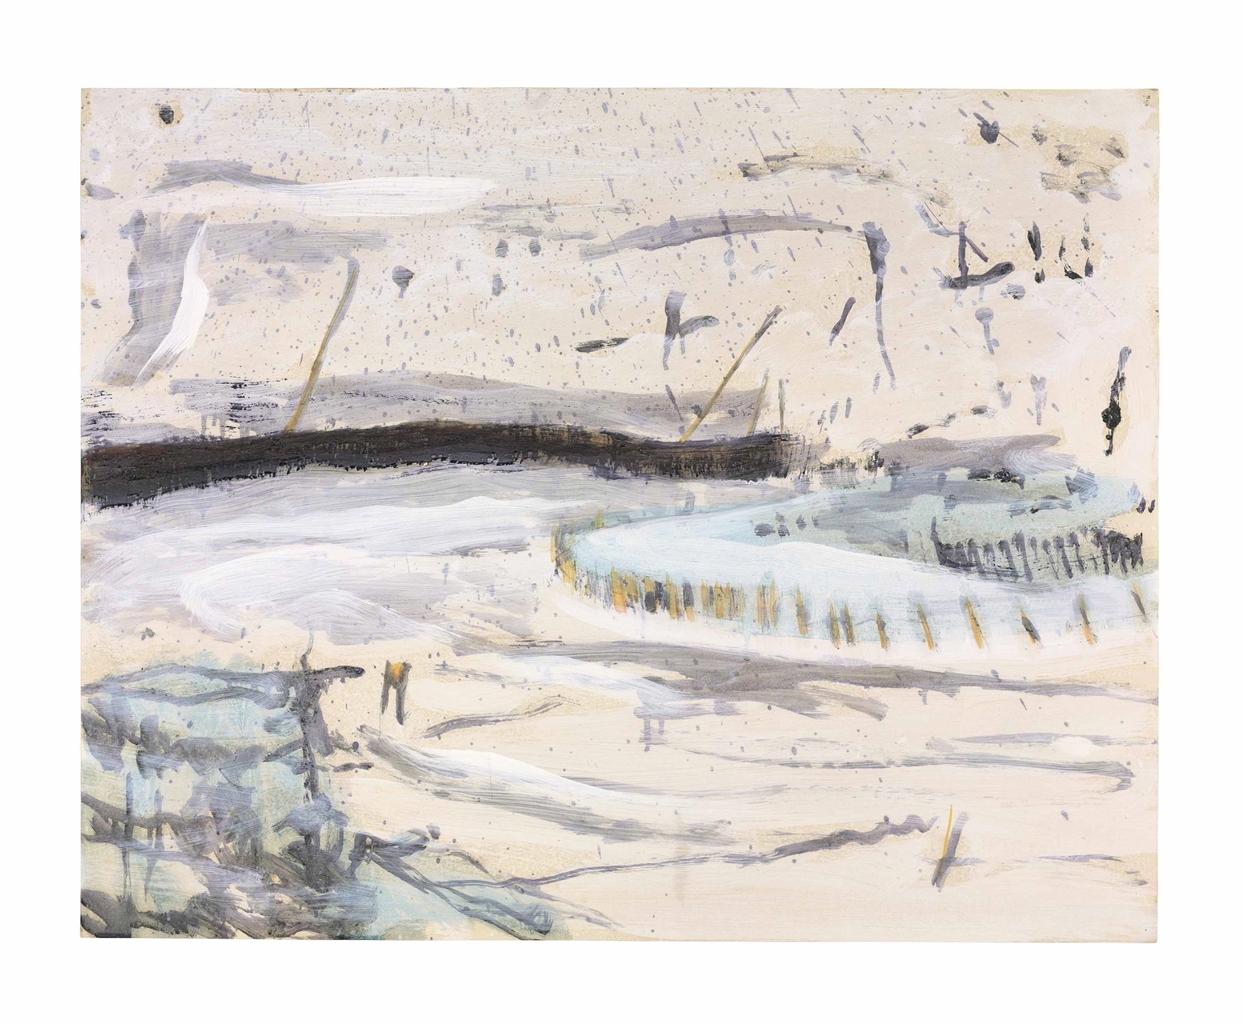 Peter Doig-Bellevarde-1995